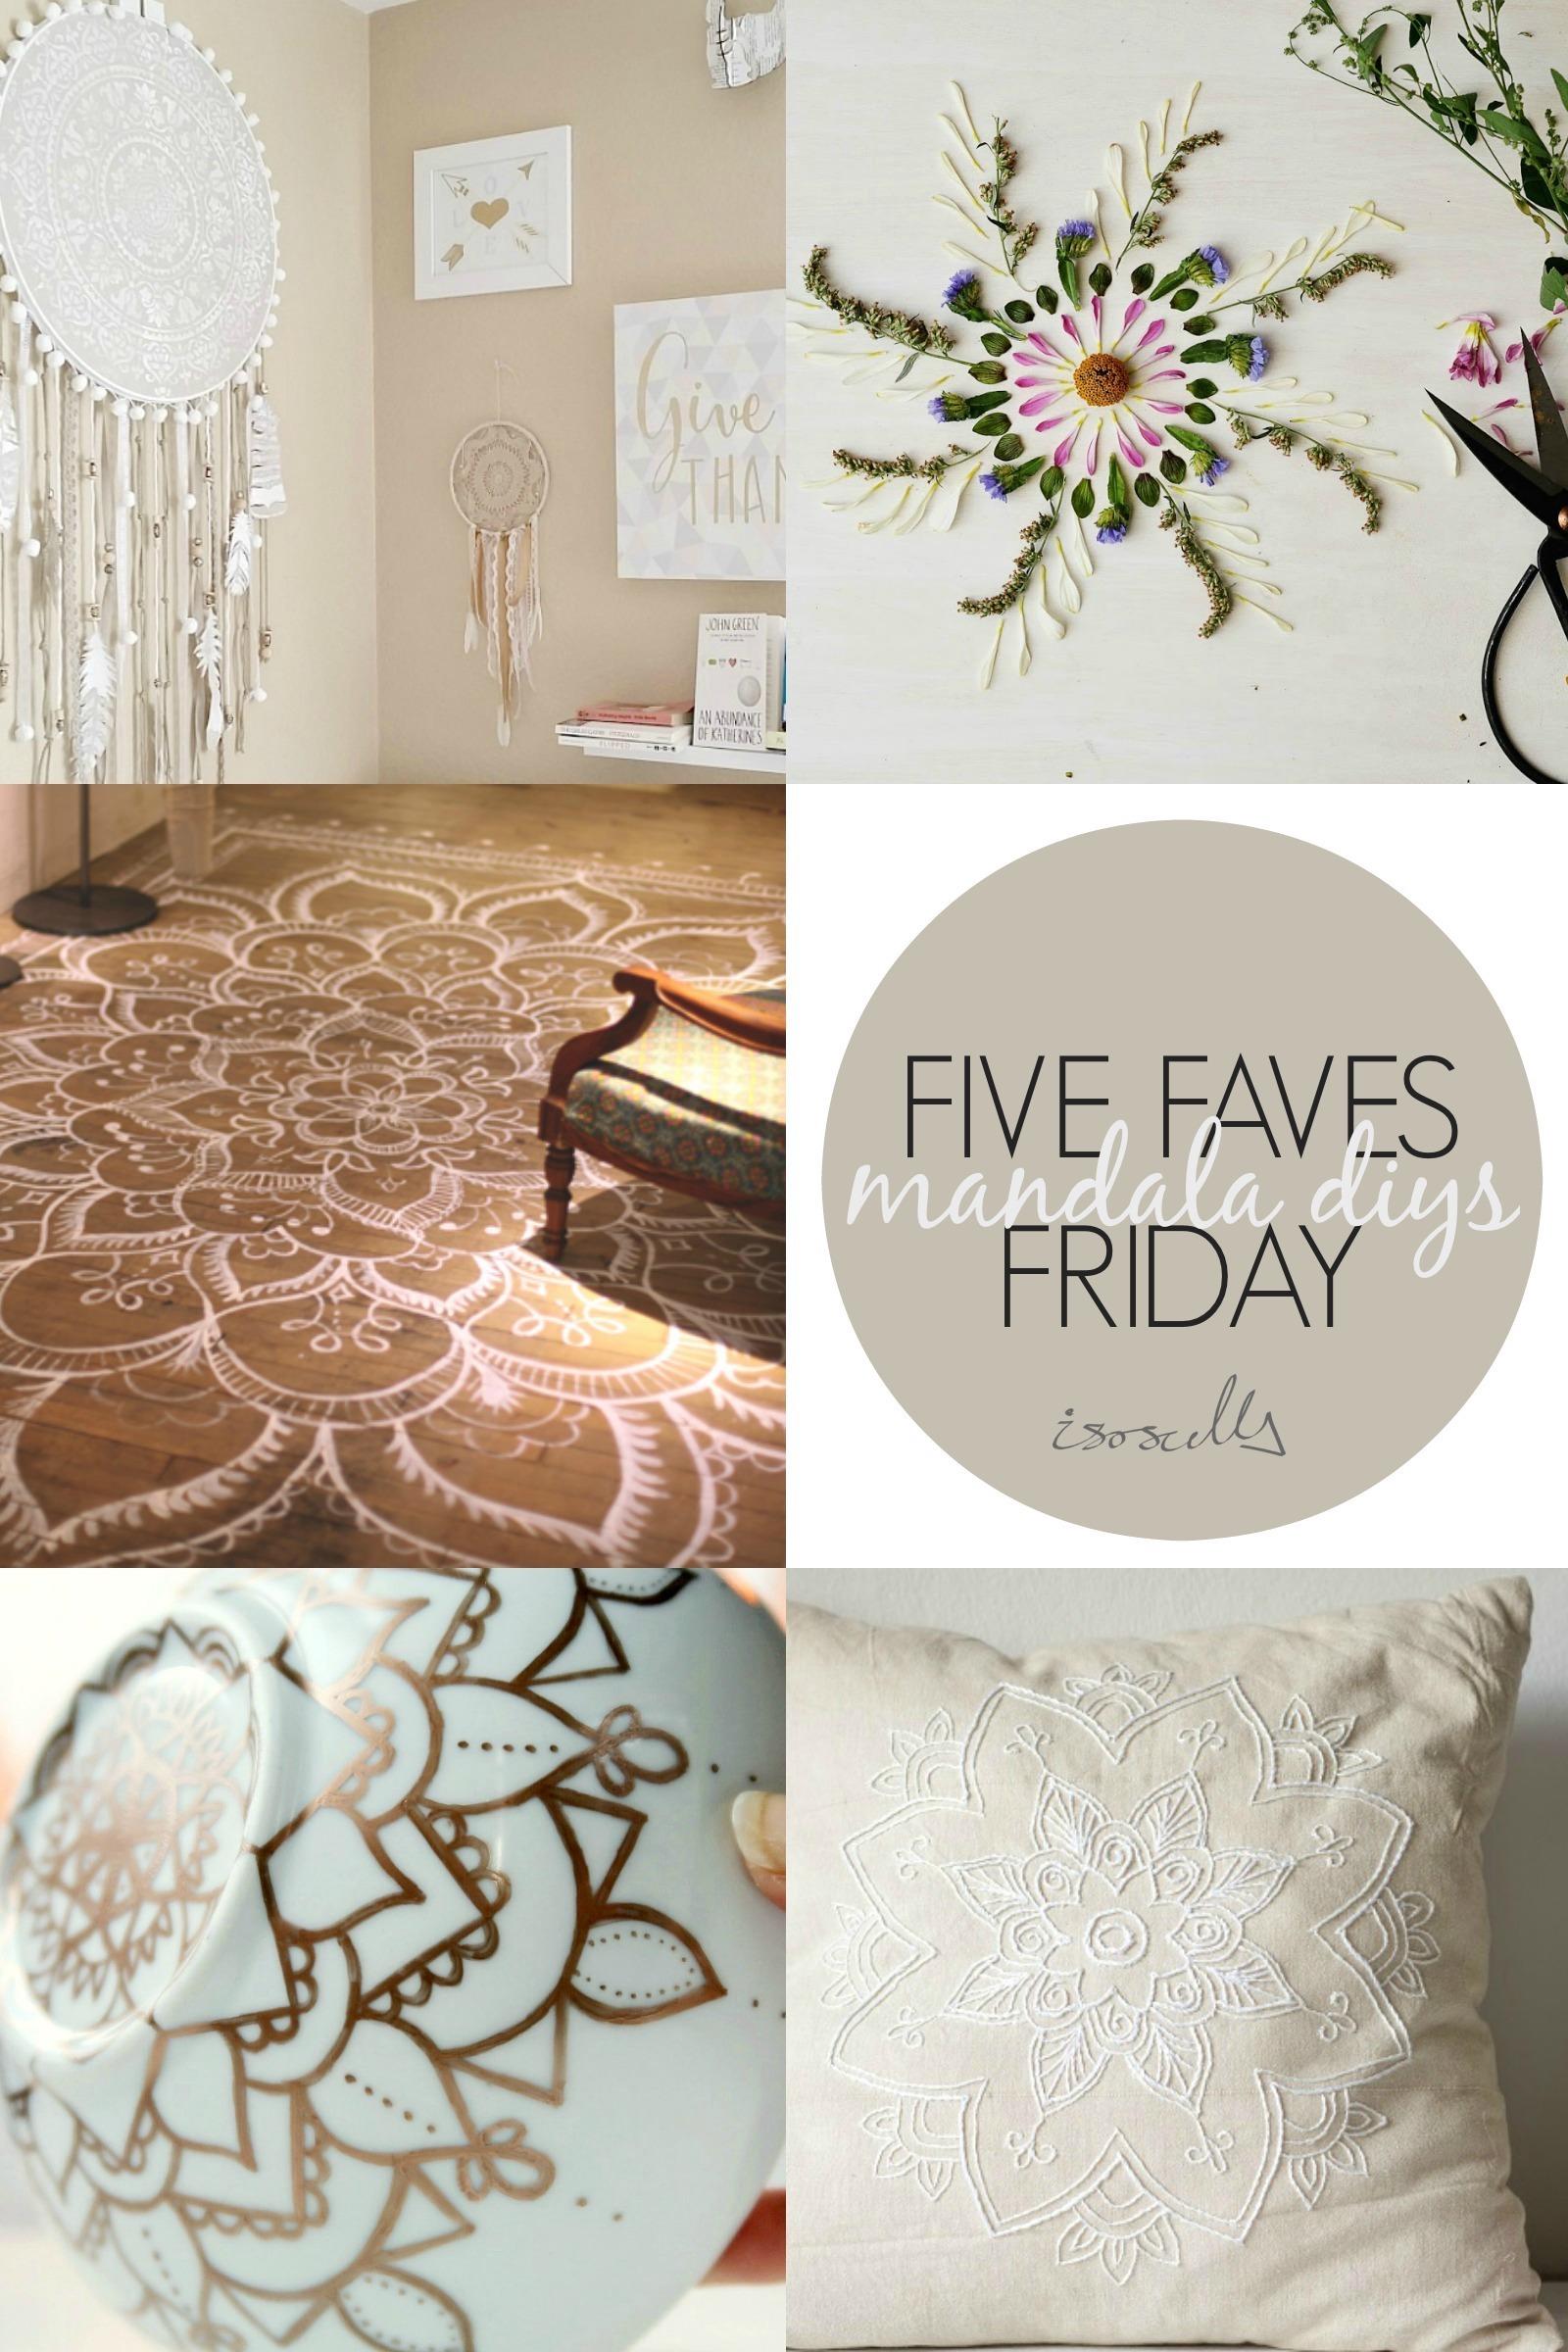 Five Faves Friday Mandala DIYs